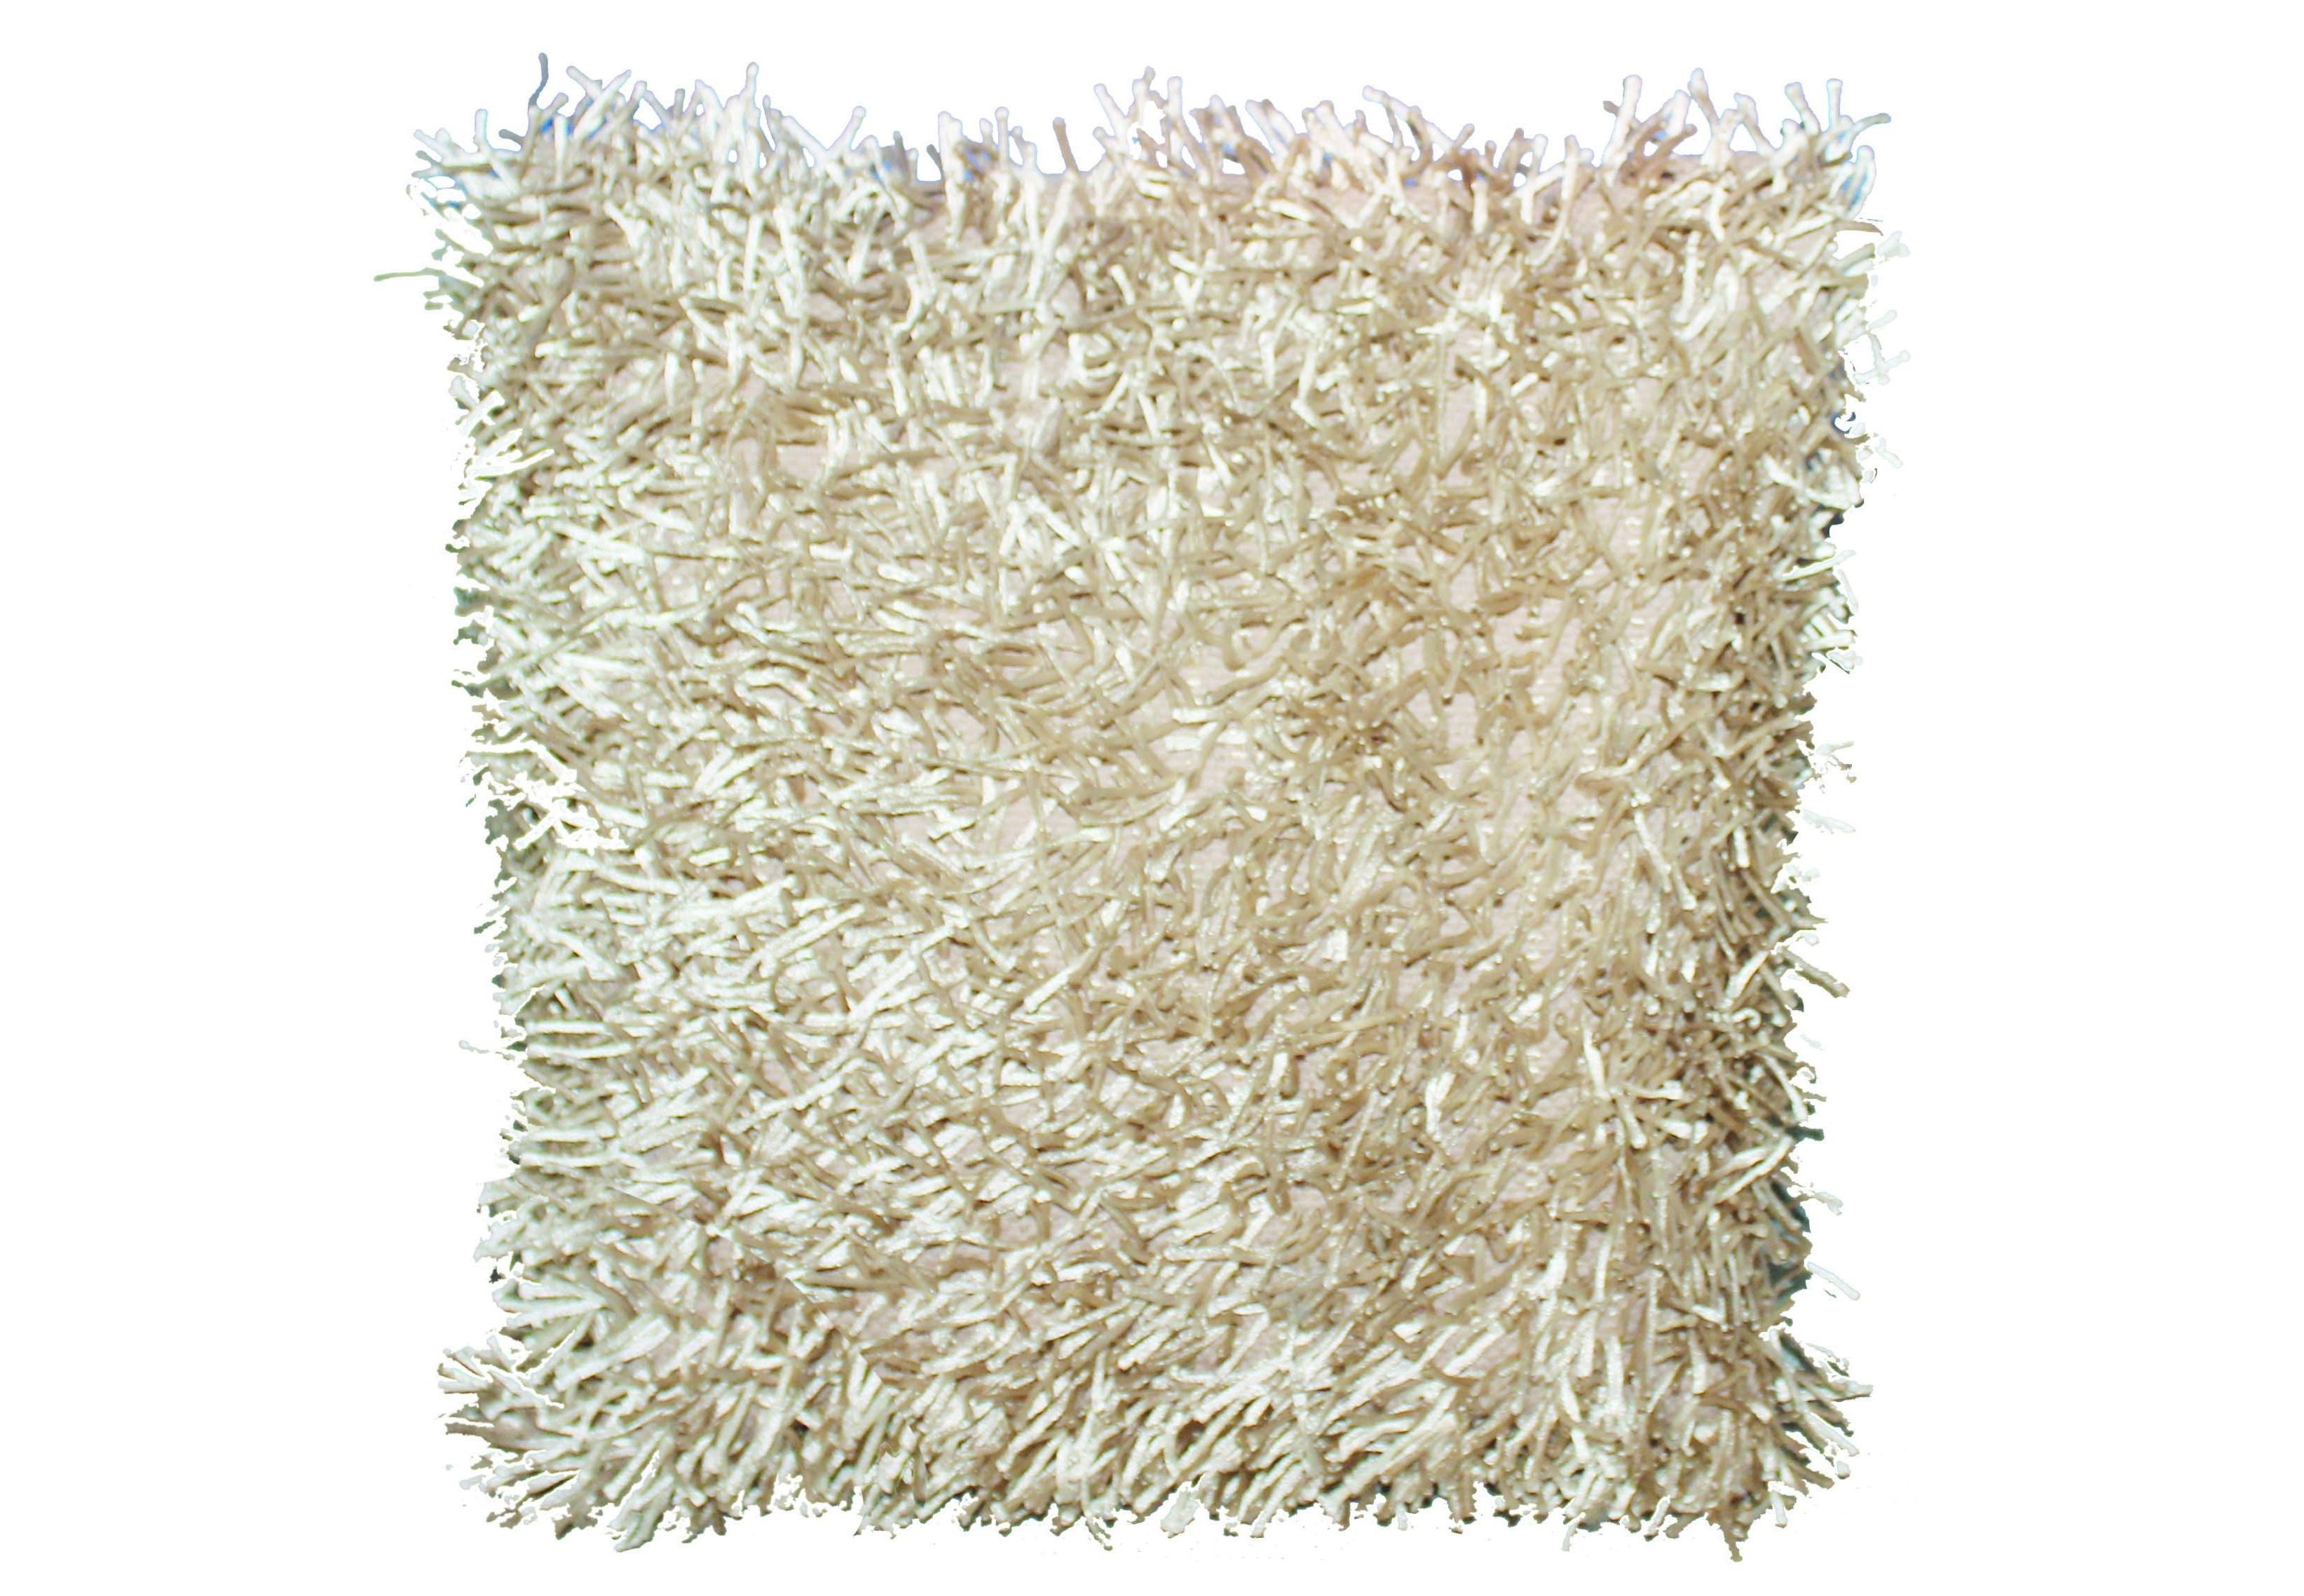 Подушка Langflor-Teppich in Metallic-OptikКвадратные подушки и наволочки<br>Материал: 35% хлопок 65% полиэстер<br><br>Material: Хлопок<br>Ширина см: 50<br>Высота см: 50